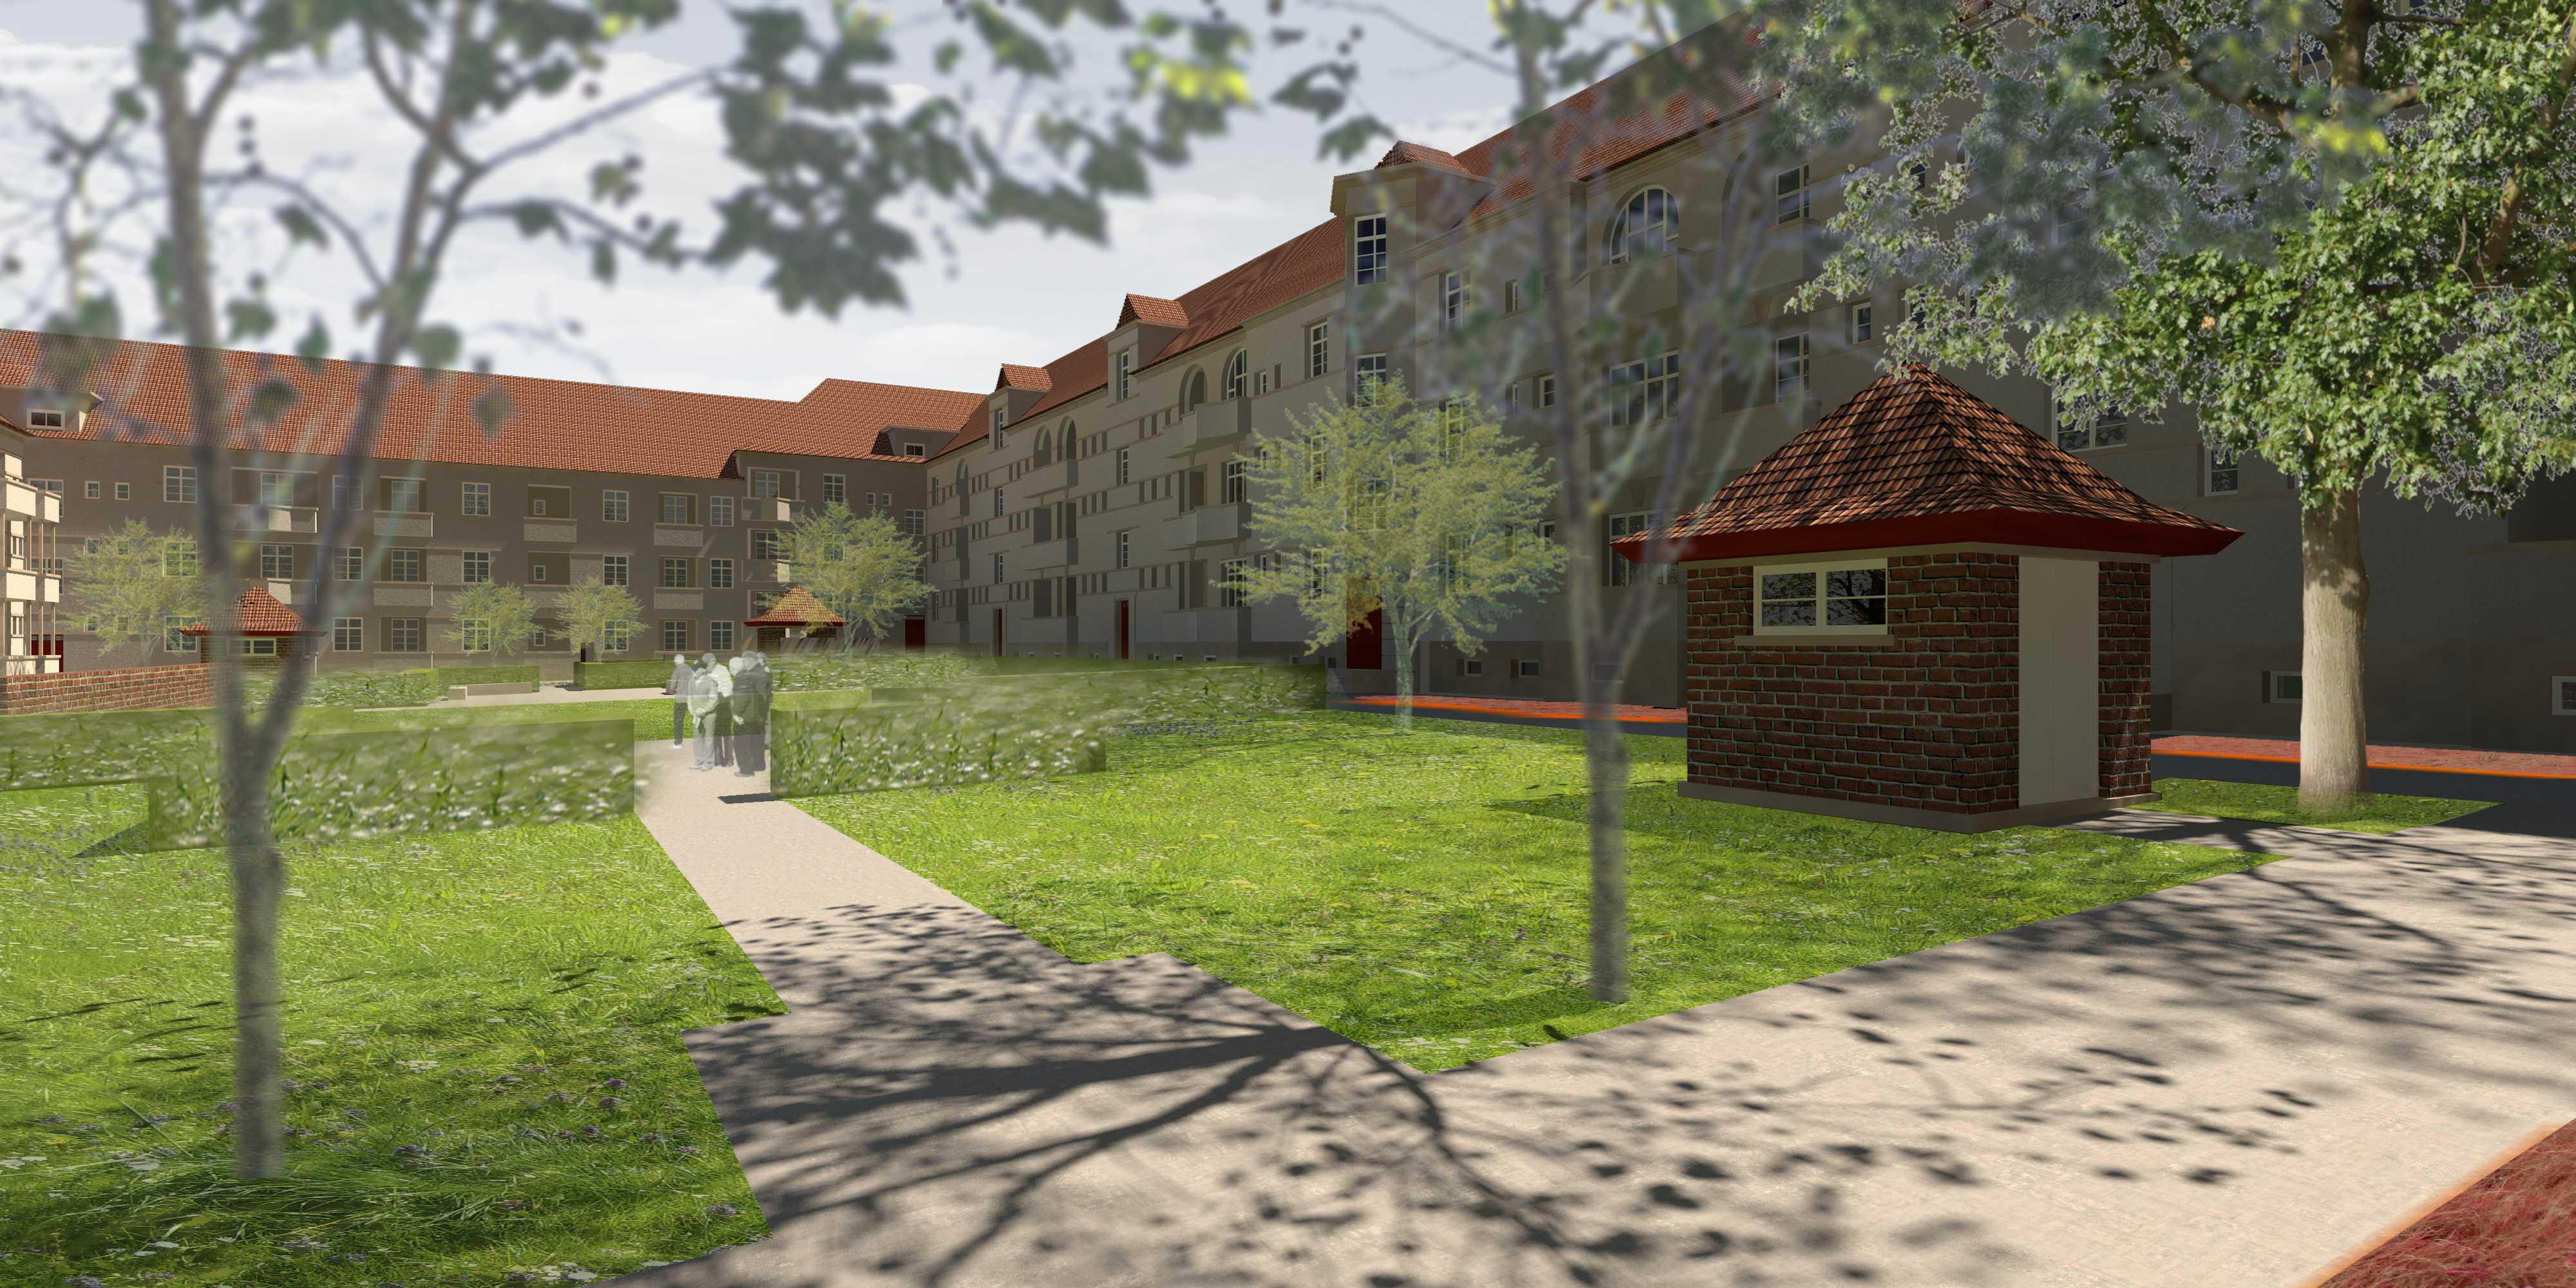 wohnen im denkmal ihre wowi ffo gmbh wohnungen und gewerbe in frankfurt oder. Black Bedroom Furniture Sets. Home Design Ideas